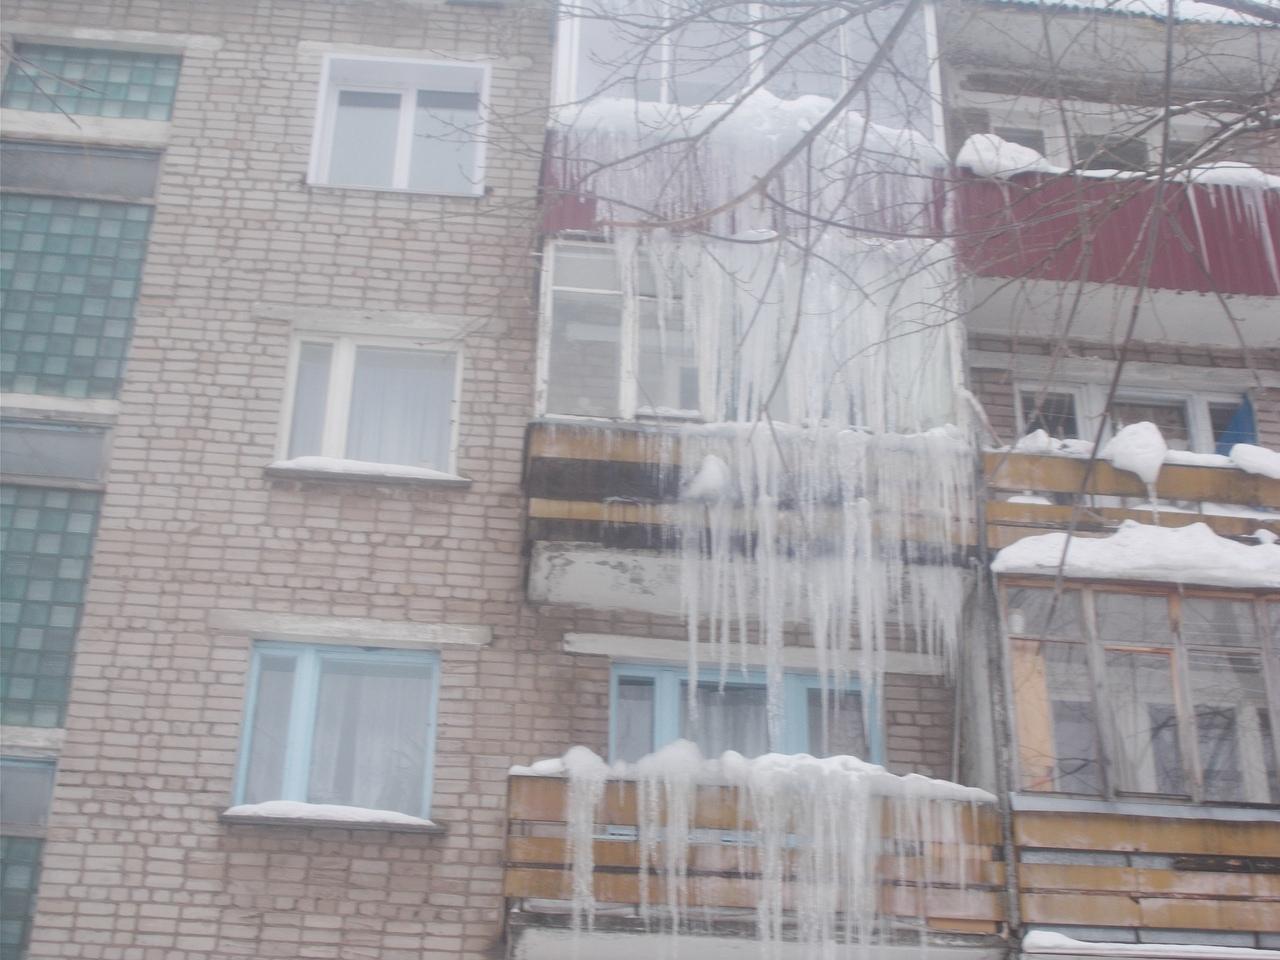 В Чепецке на доме образовалась сосулька длиной в 4 этажа